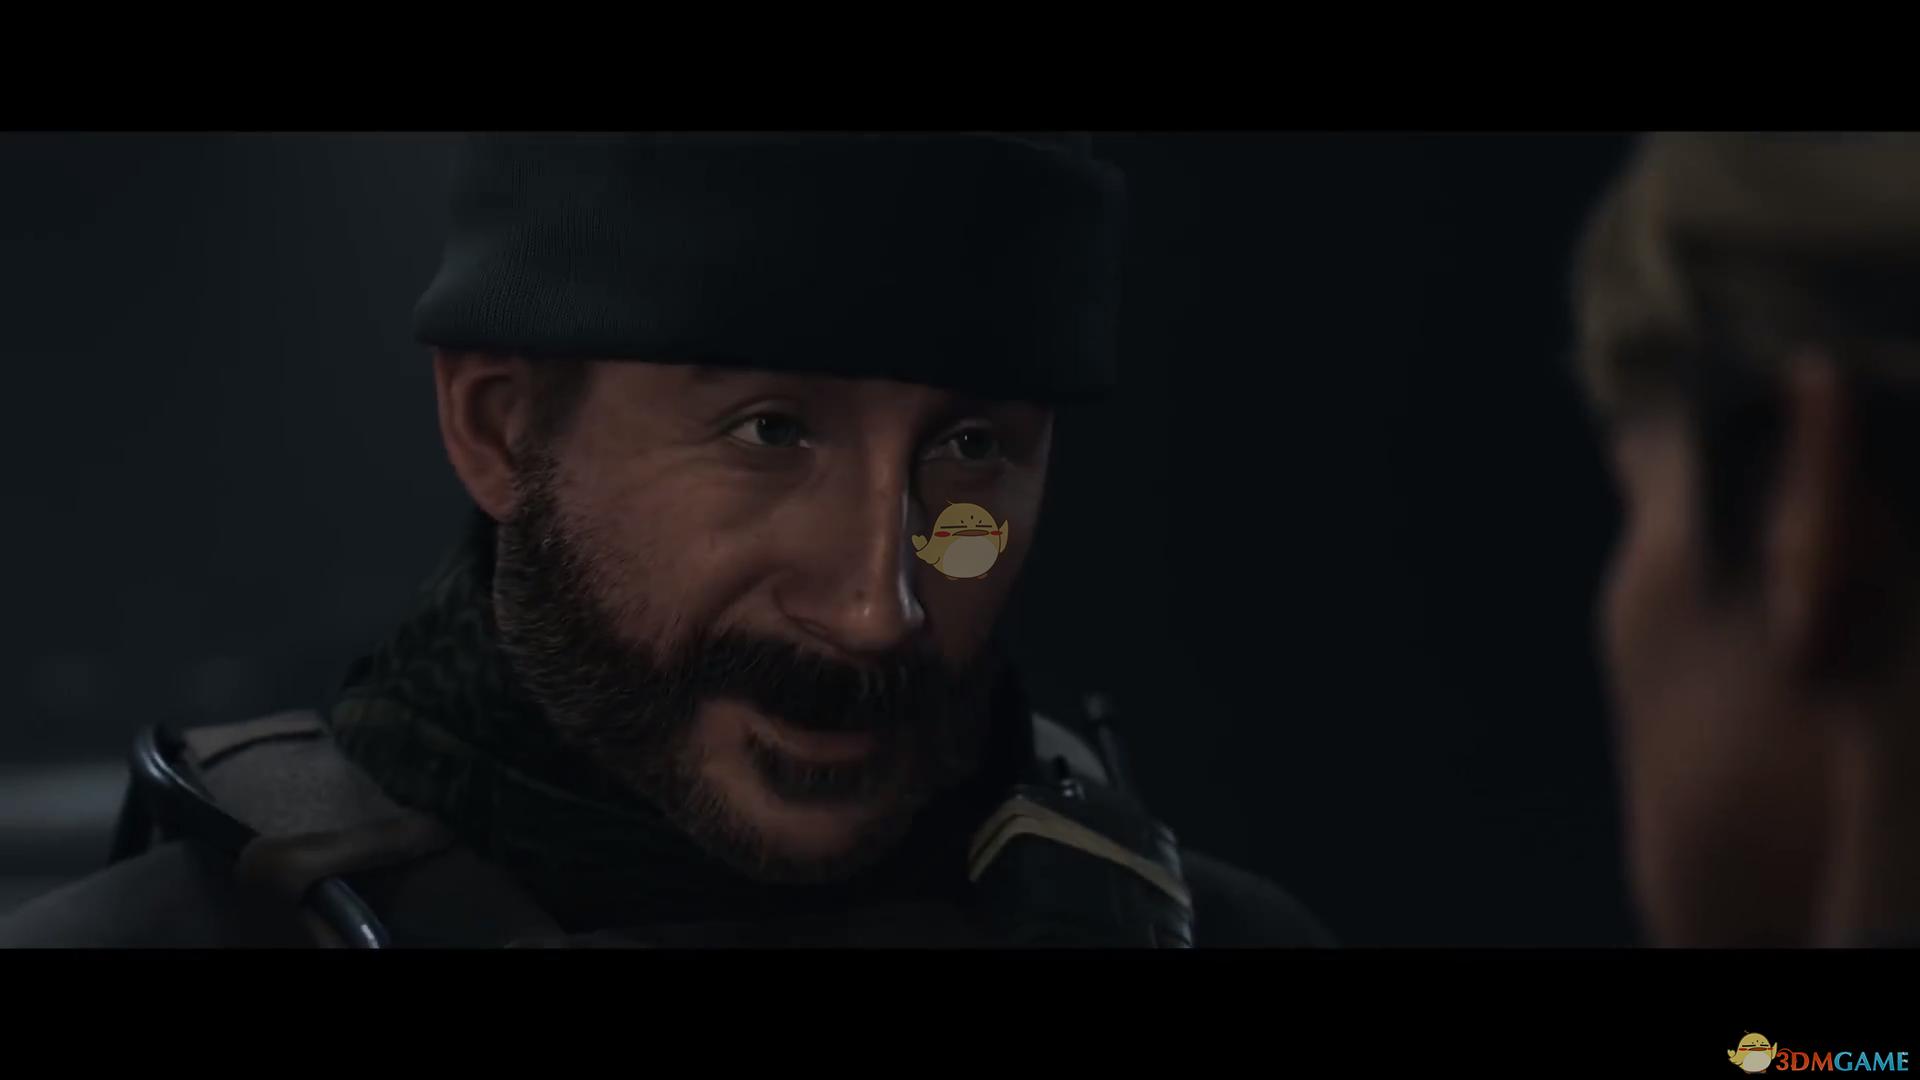 《使命召唤16:现代战争》约翰普莱斯上尉(钱队)背景介绍